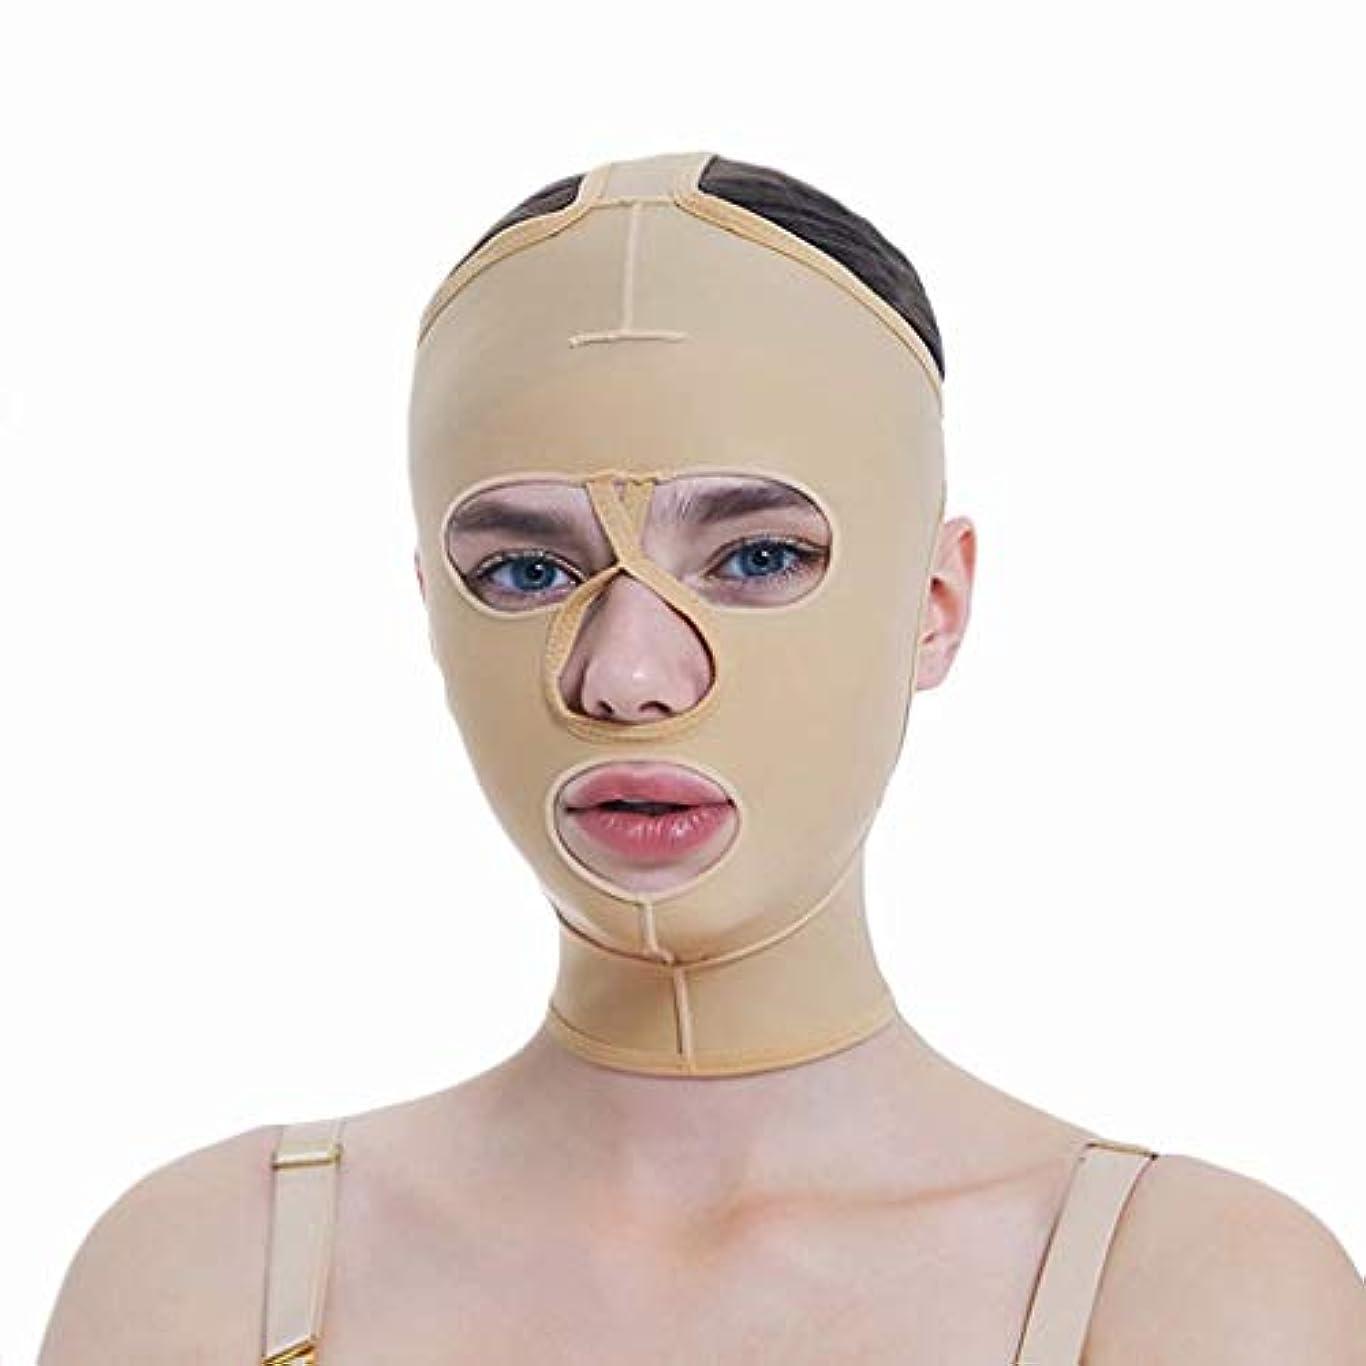 苦アイデアマニアフェイシャル減量マスク、フルカバレッジ包帯、フルフェイスリフティングマスク、フェイスマスク、快適で リフティングシェーピング(サイズ:S),XS